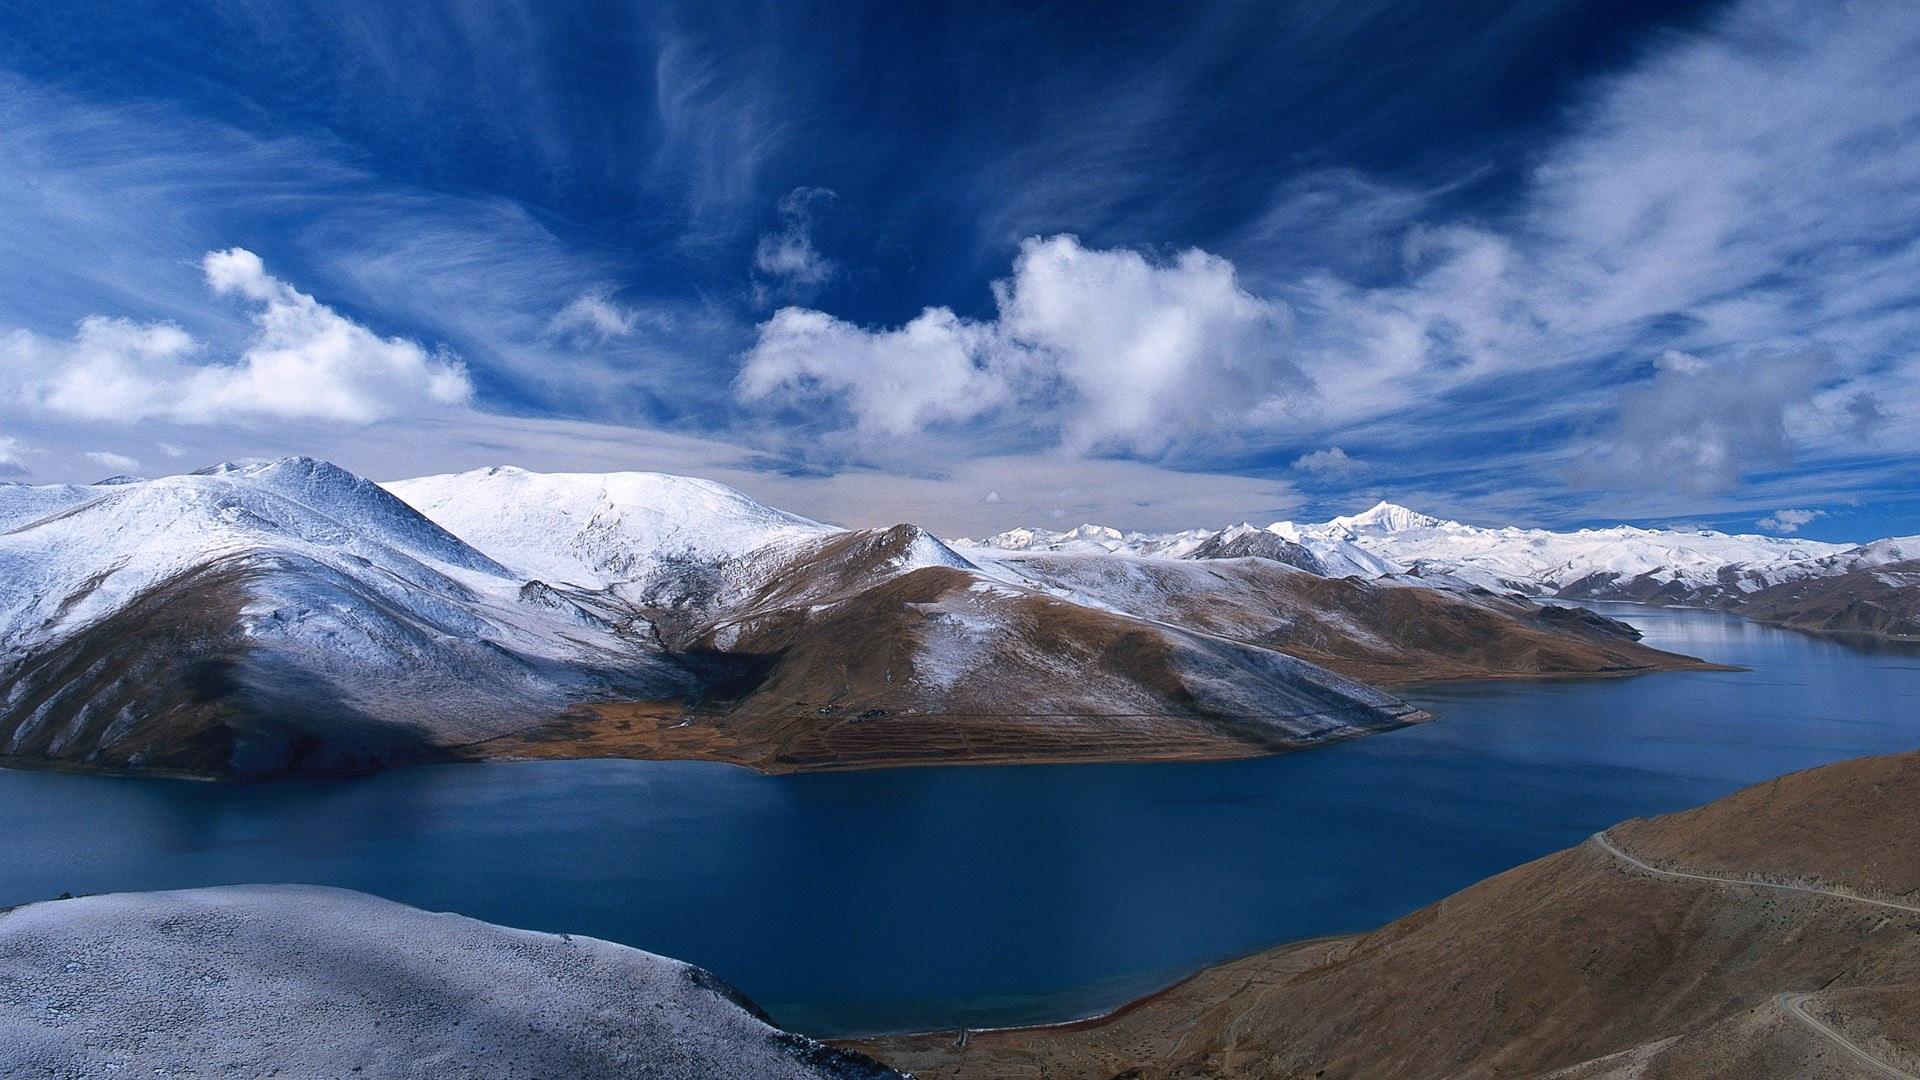 Landscape Wallpaper 1080p - WallpaperSafari